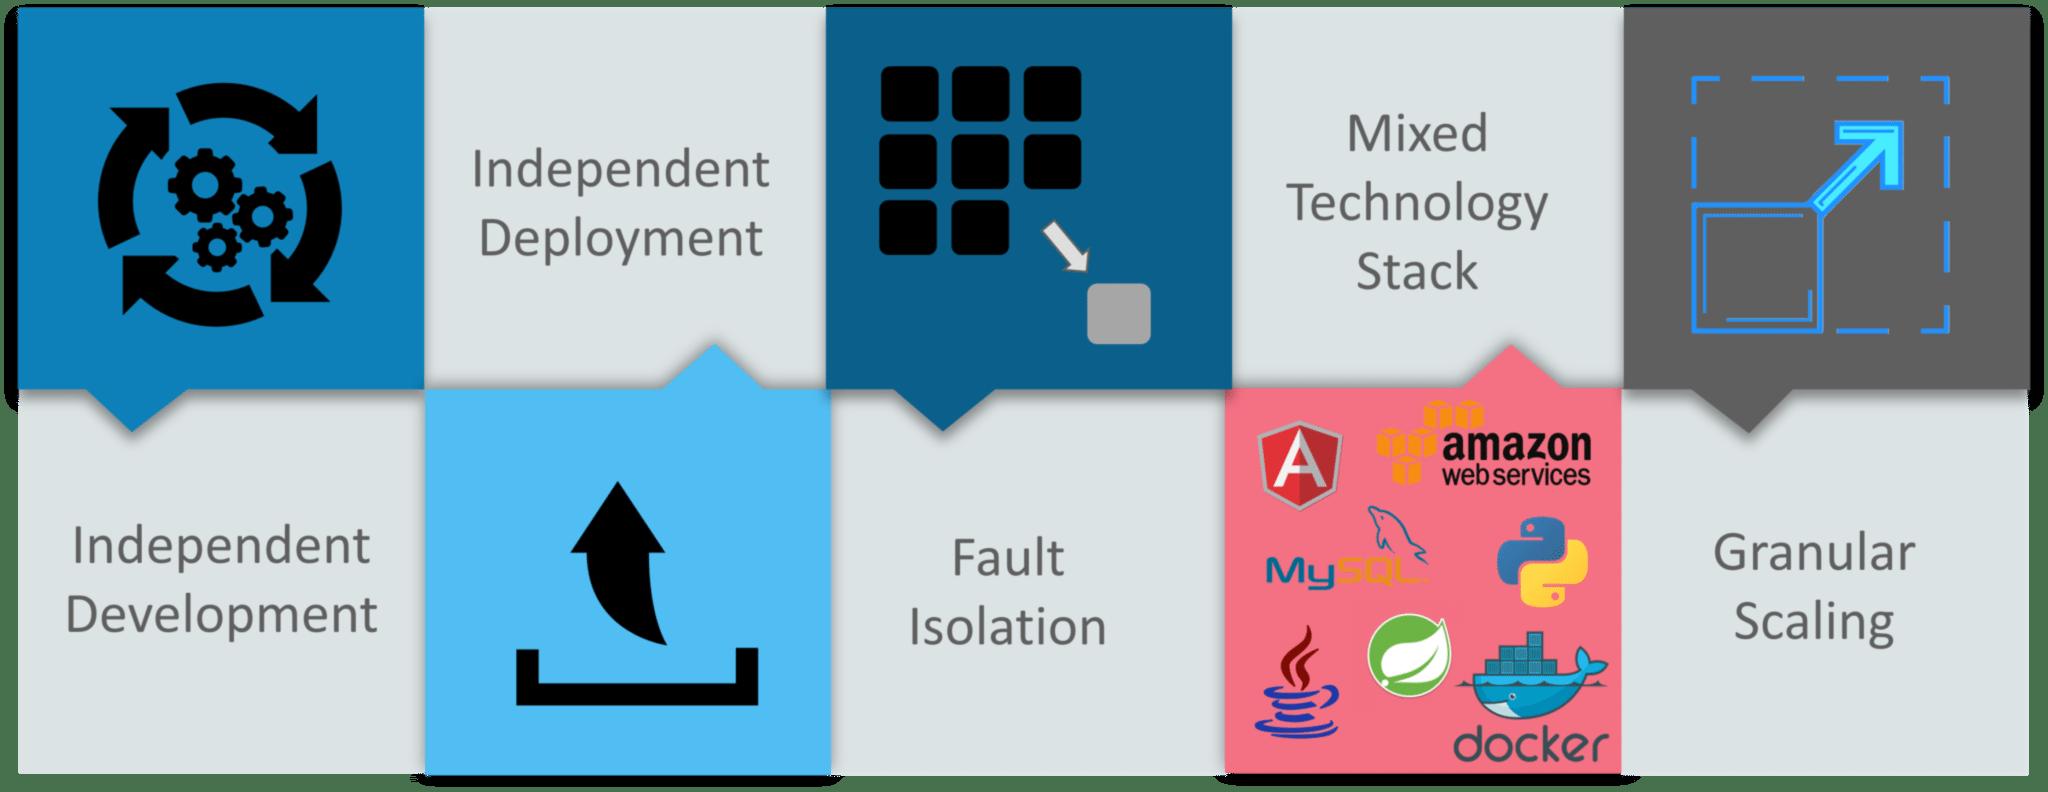 微服务的优点 - 微服务面试问题 - Edureka